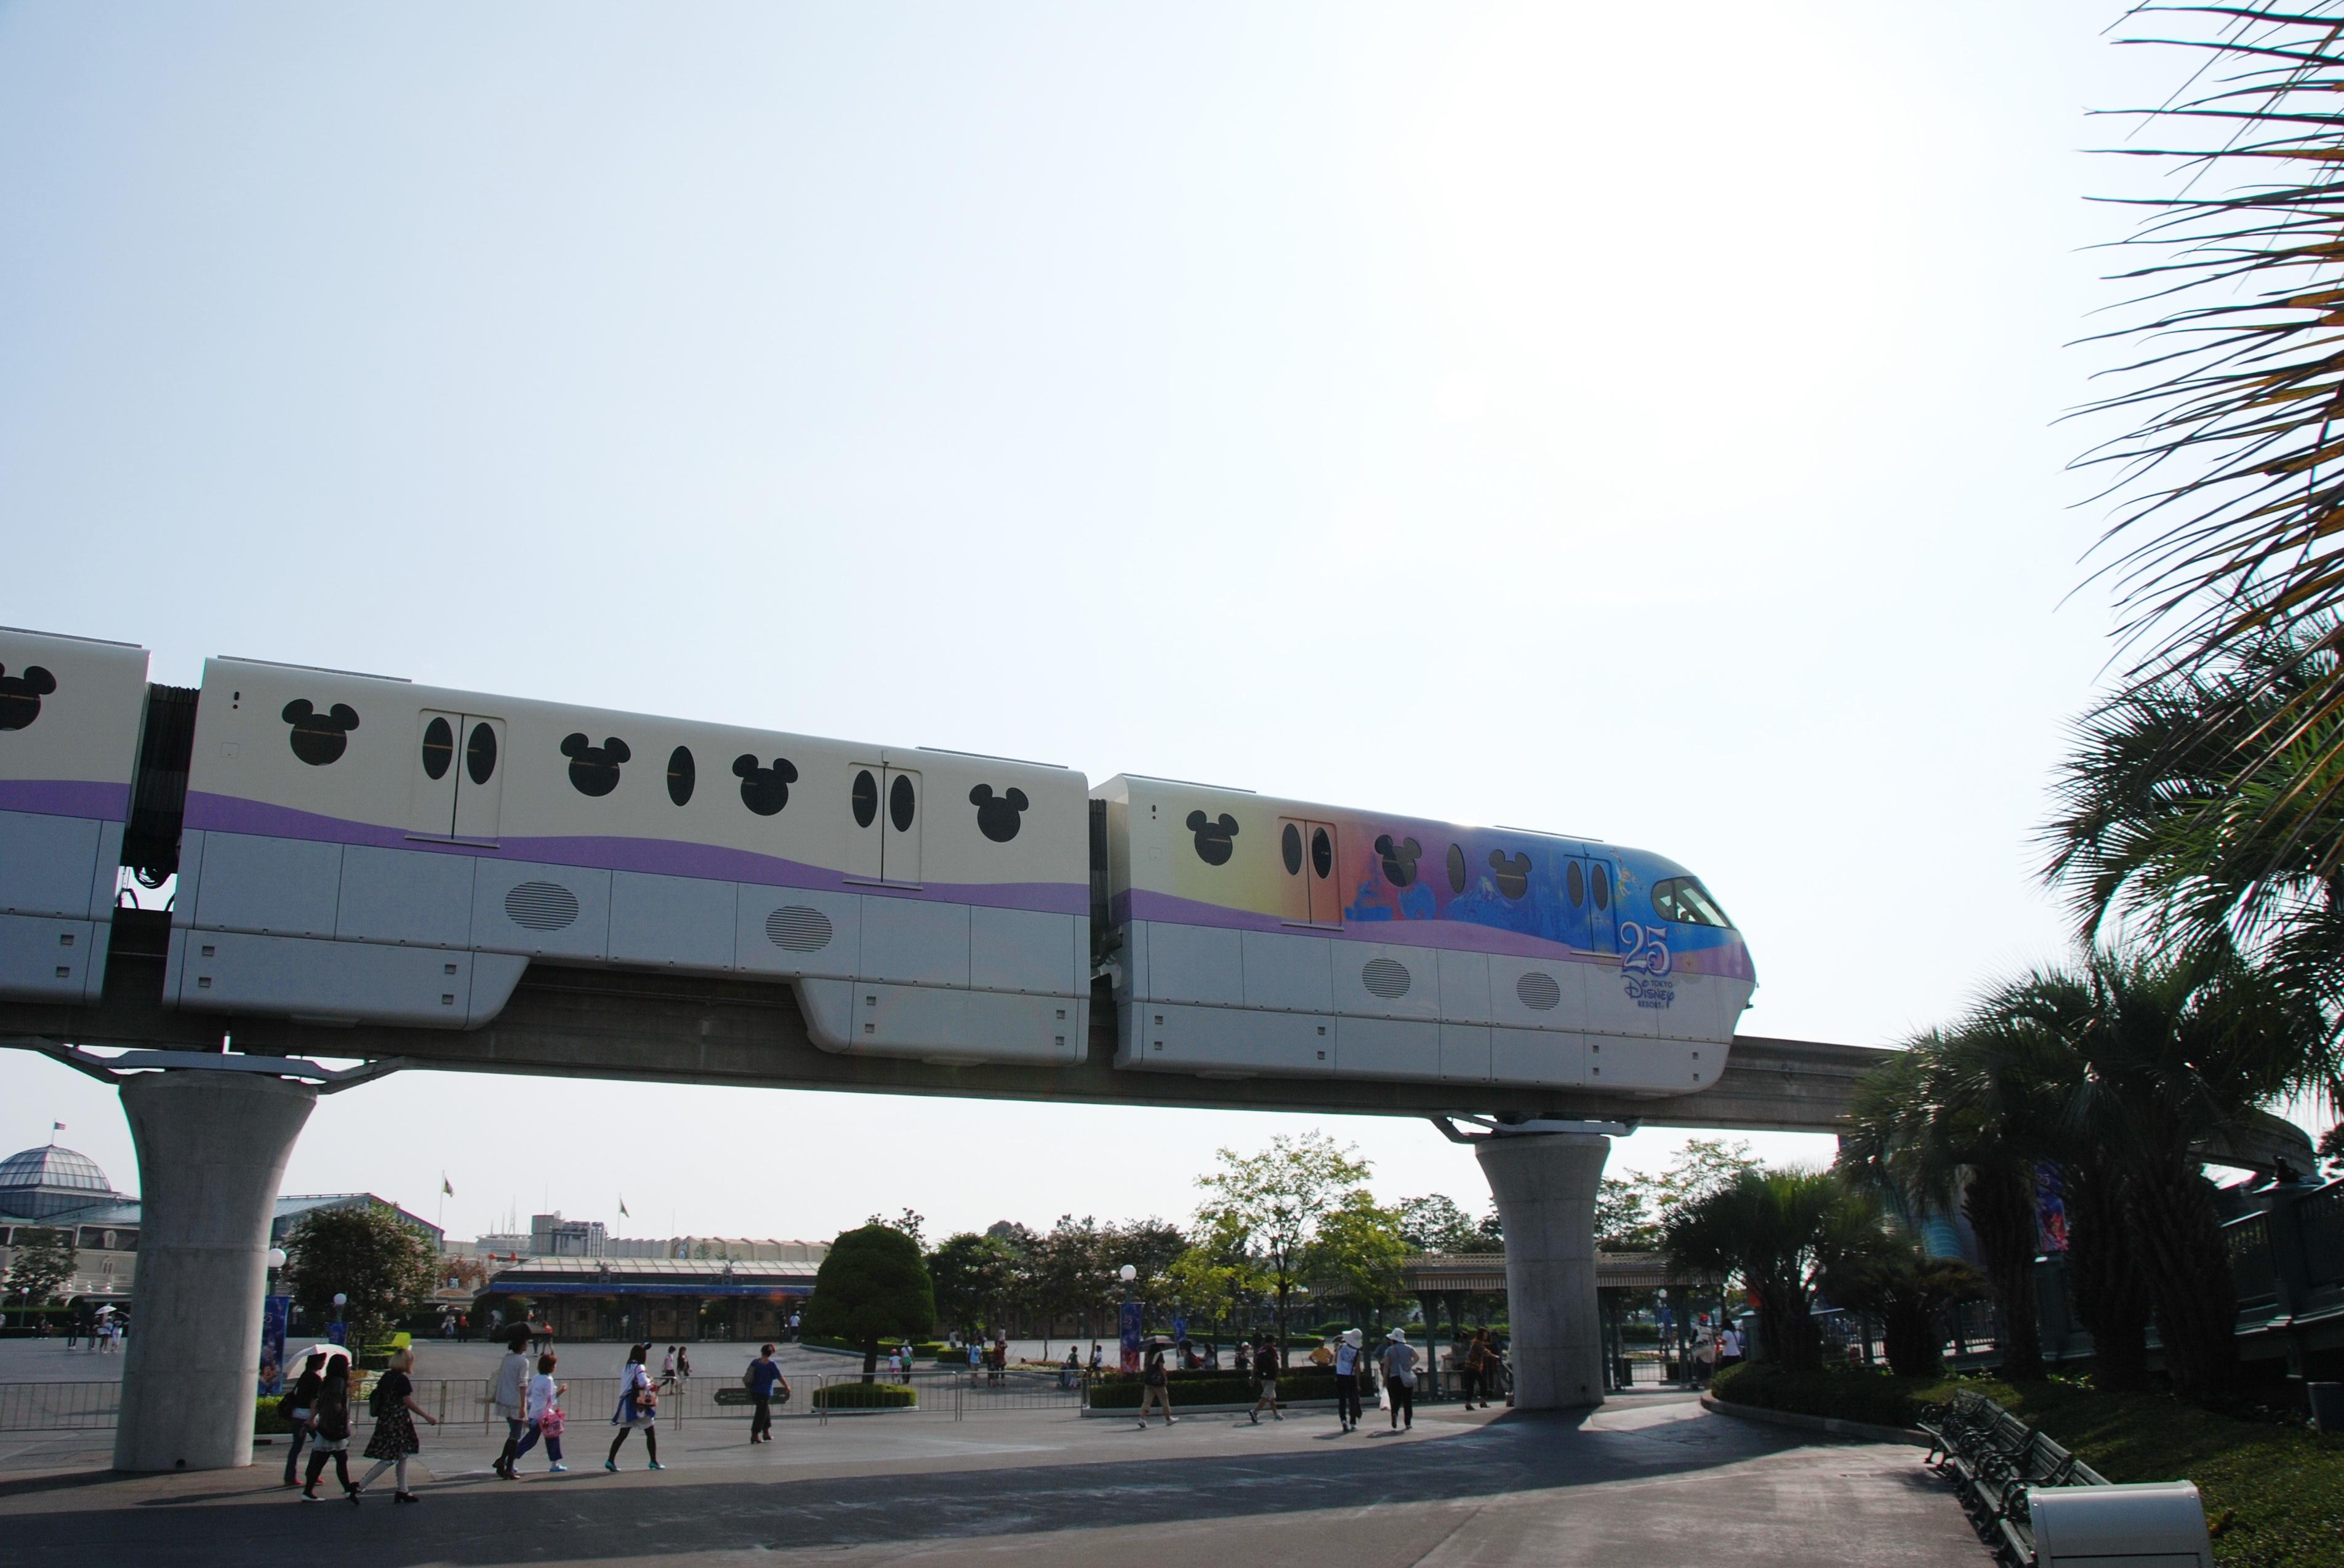 File:Tokyo Disneyland resort Monorail.jpg - Wikimedia Commons